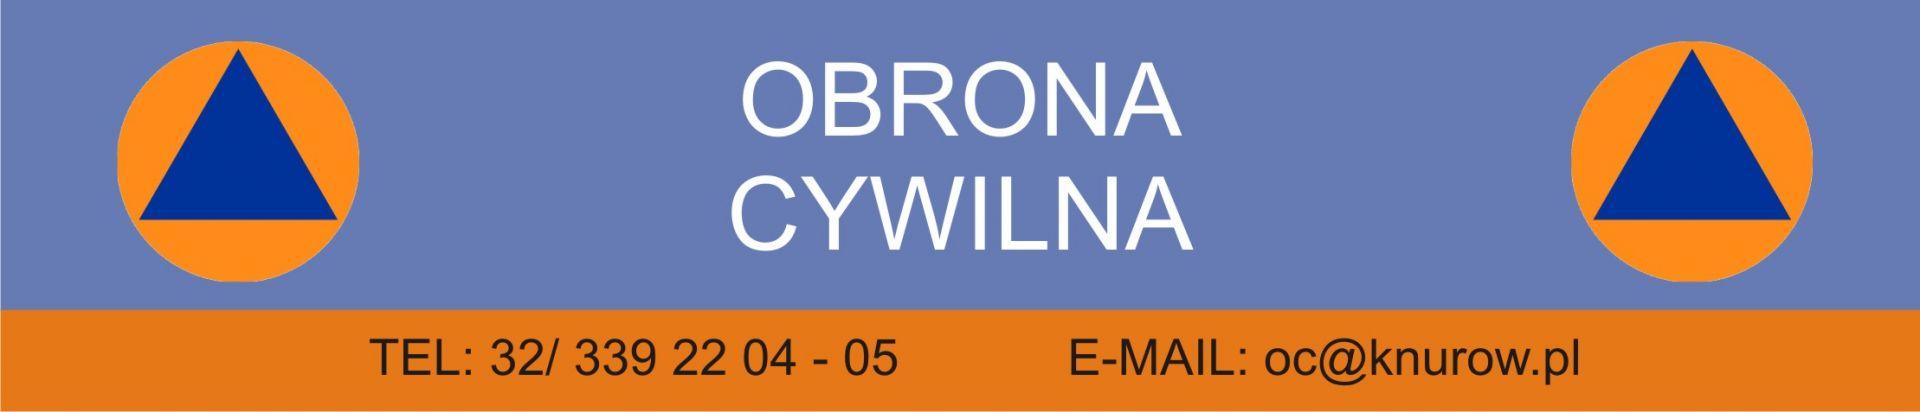 grafika zakładki Obrona Cywilna z numerem telefonu i adresem e-mail